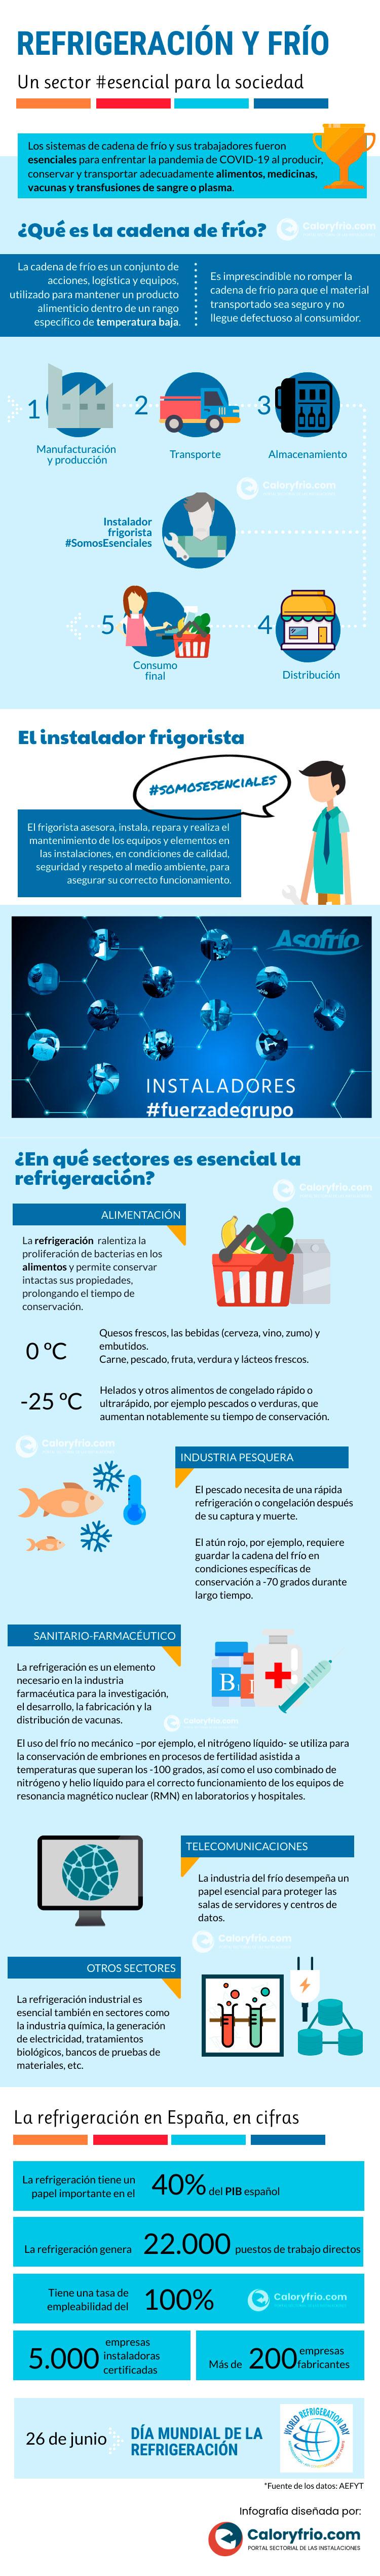 Infografía refrigeración y frío sector esencial para la sociedad